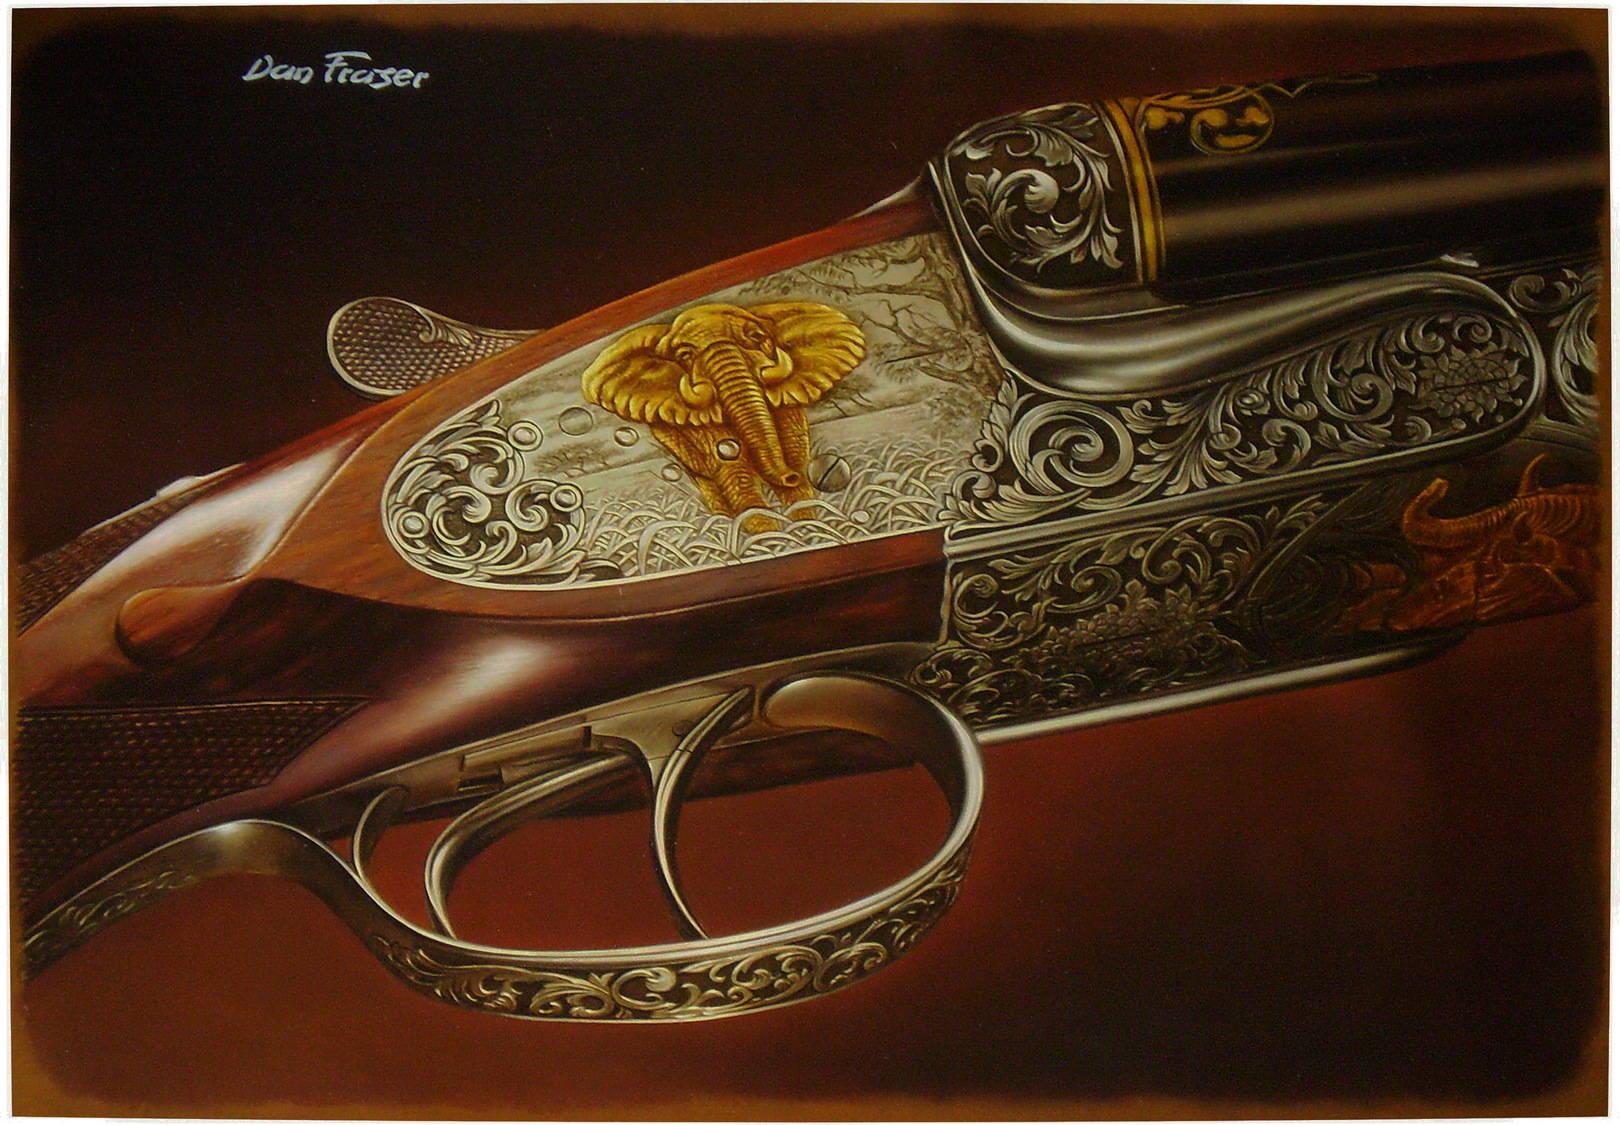 Dan Fraser  кожа, масло, 50х70